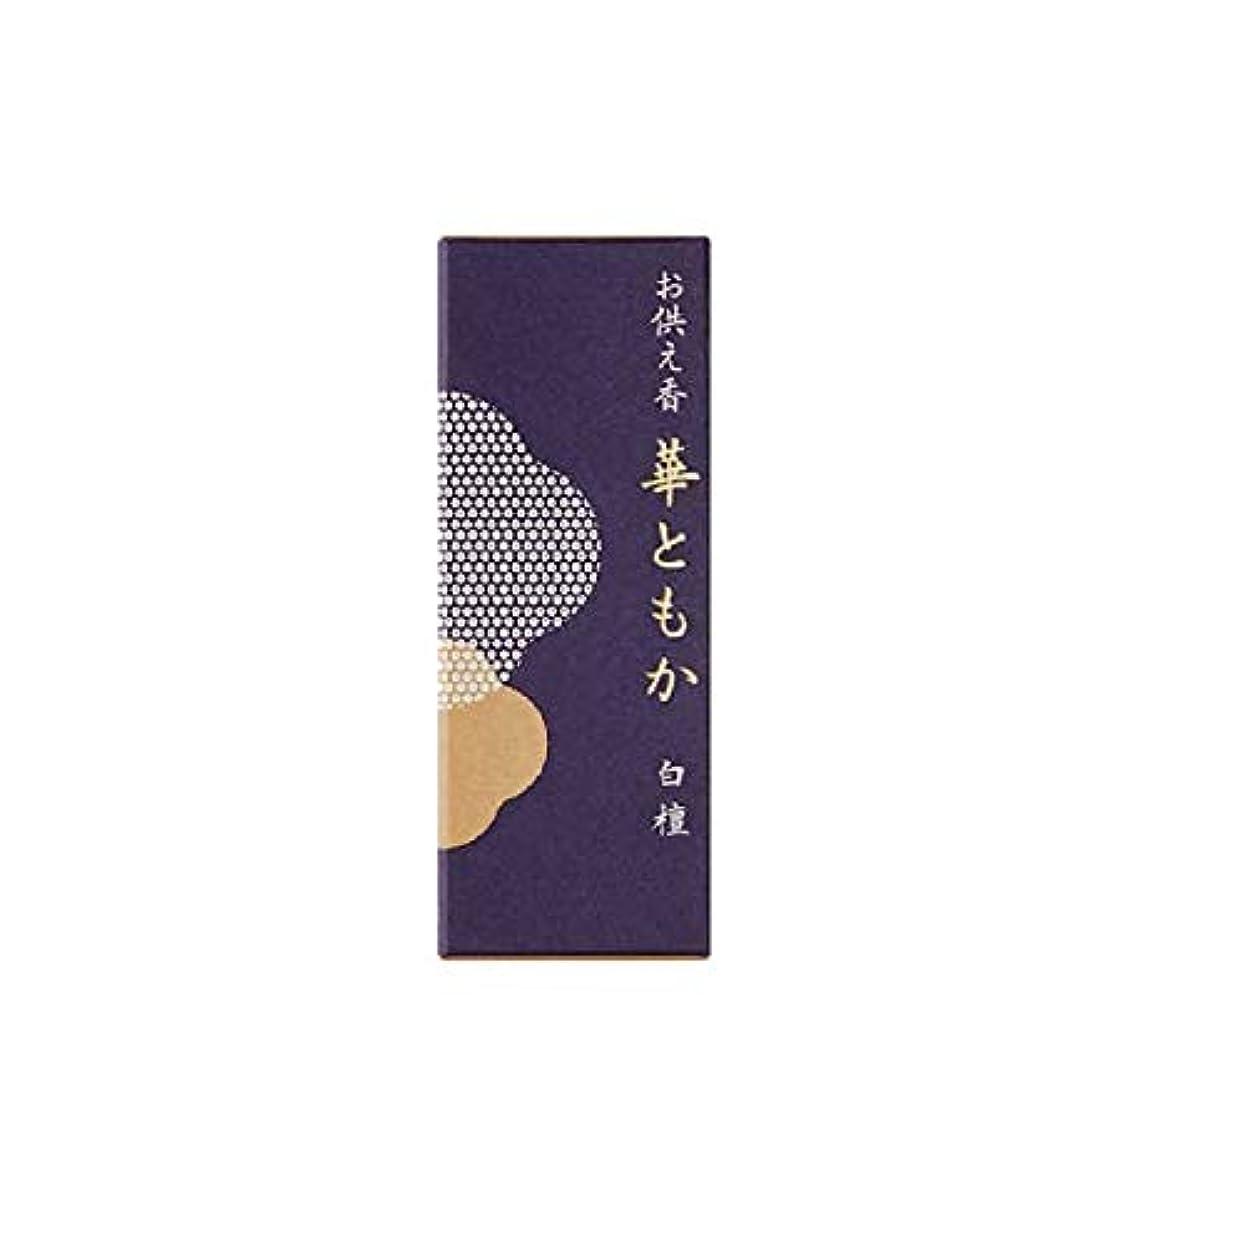 ハンディインシデント経度お供え香 華ともか 補充用香料 白檀の香り